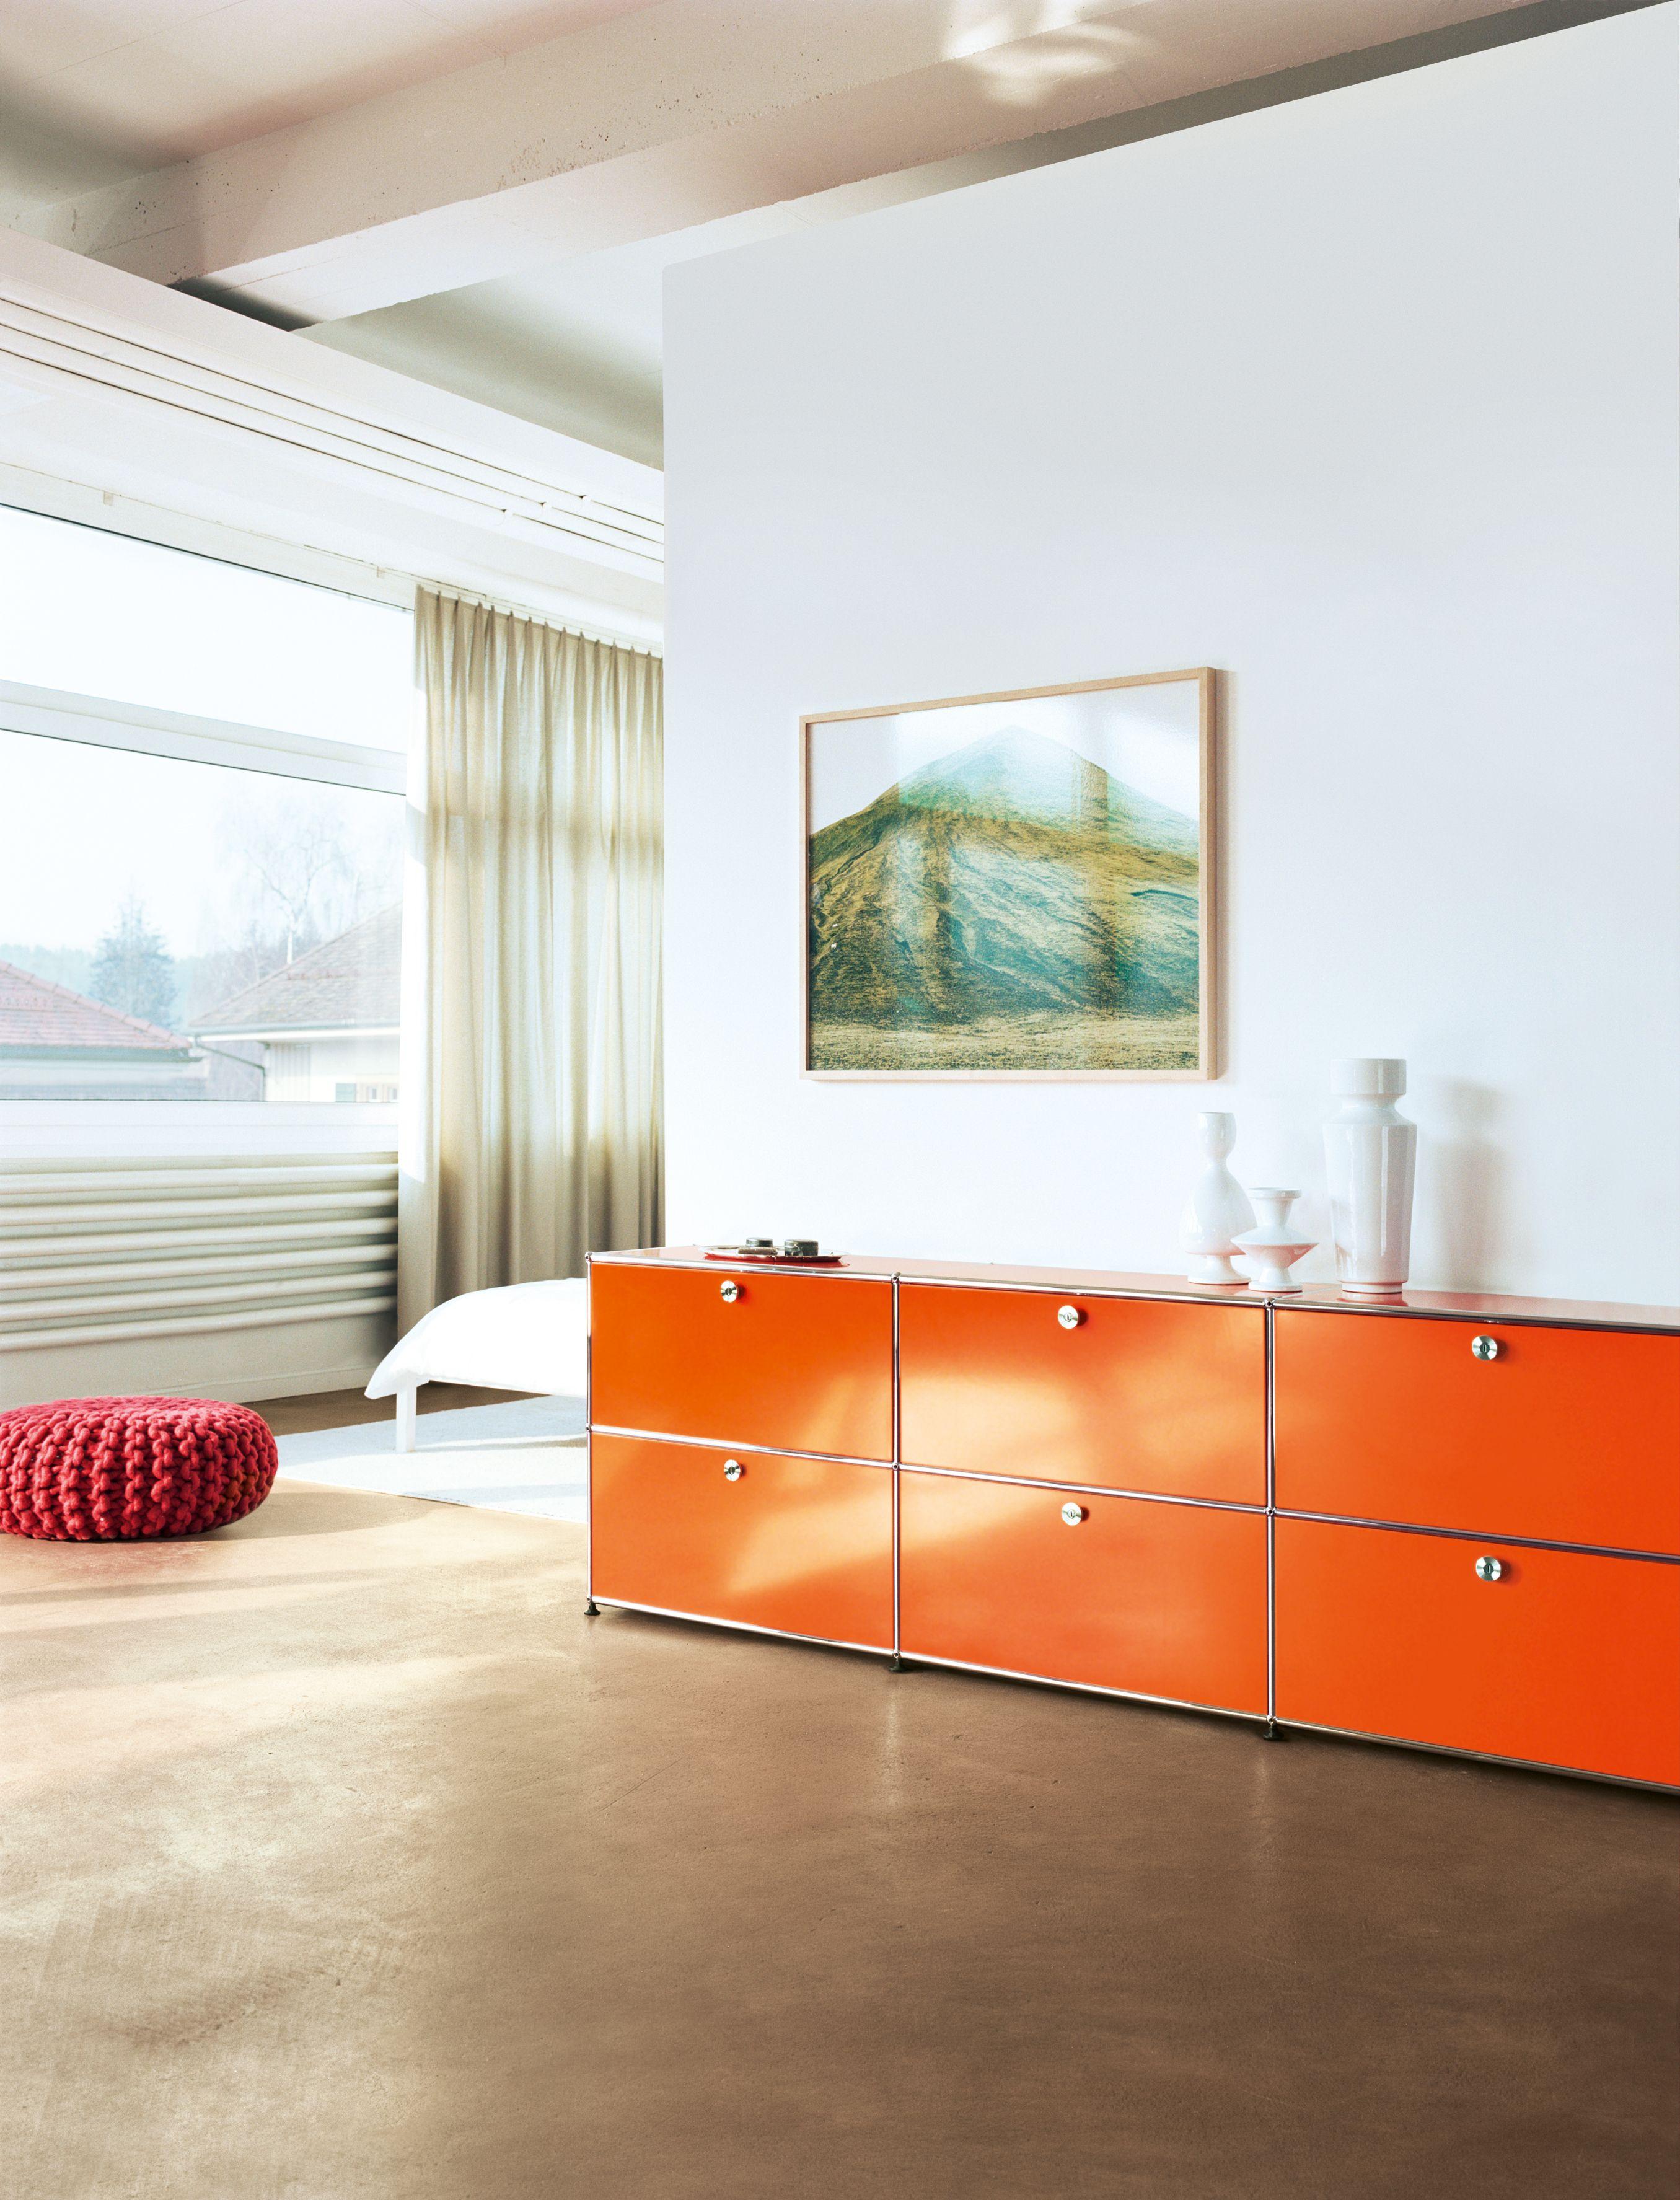 Honest Gardinen Aus Musterausstellung Top Qualität Online Discount Curtains, Drapes & Valances Home & Garden